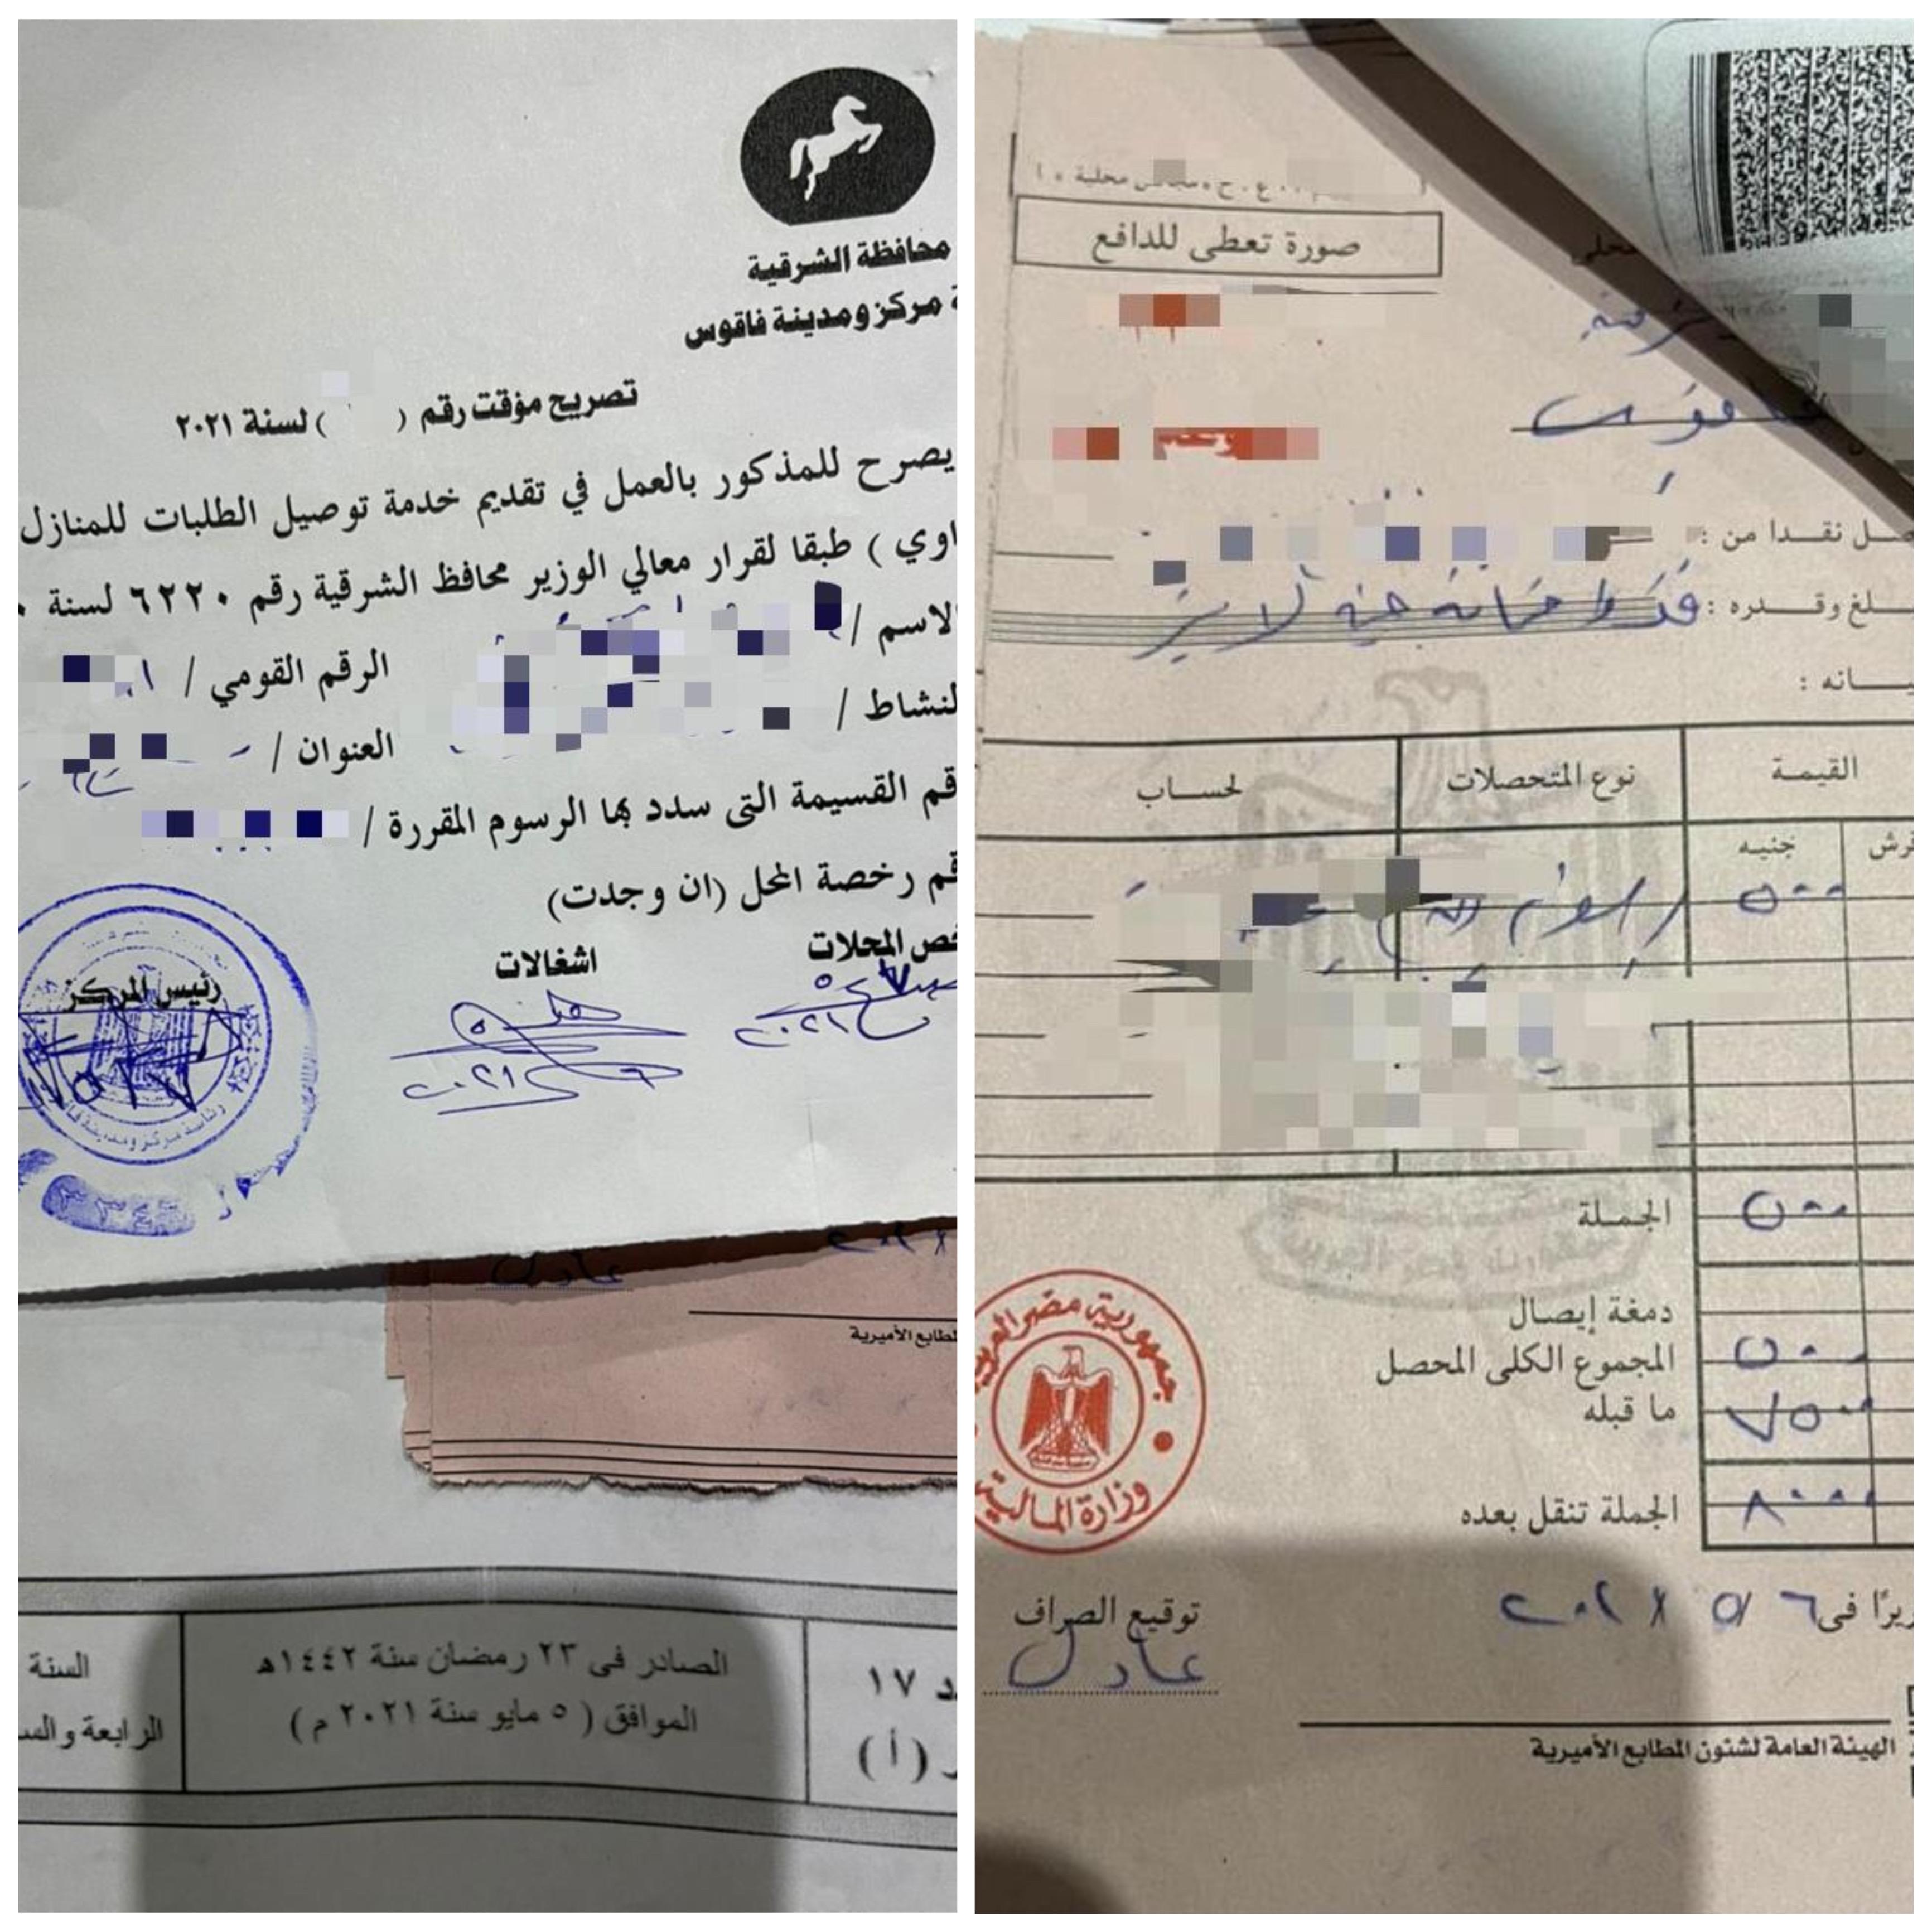 جباية رئيس مركز ومدينة فاقوس على اصحاب المحلات تخالف قرارات الحظر بالشرقيه